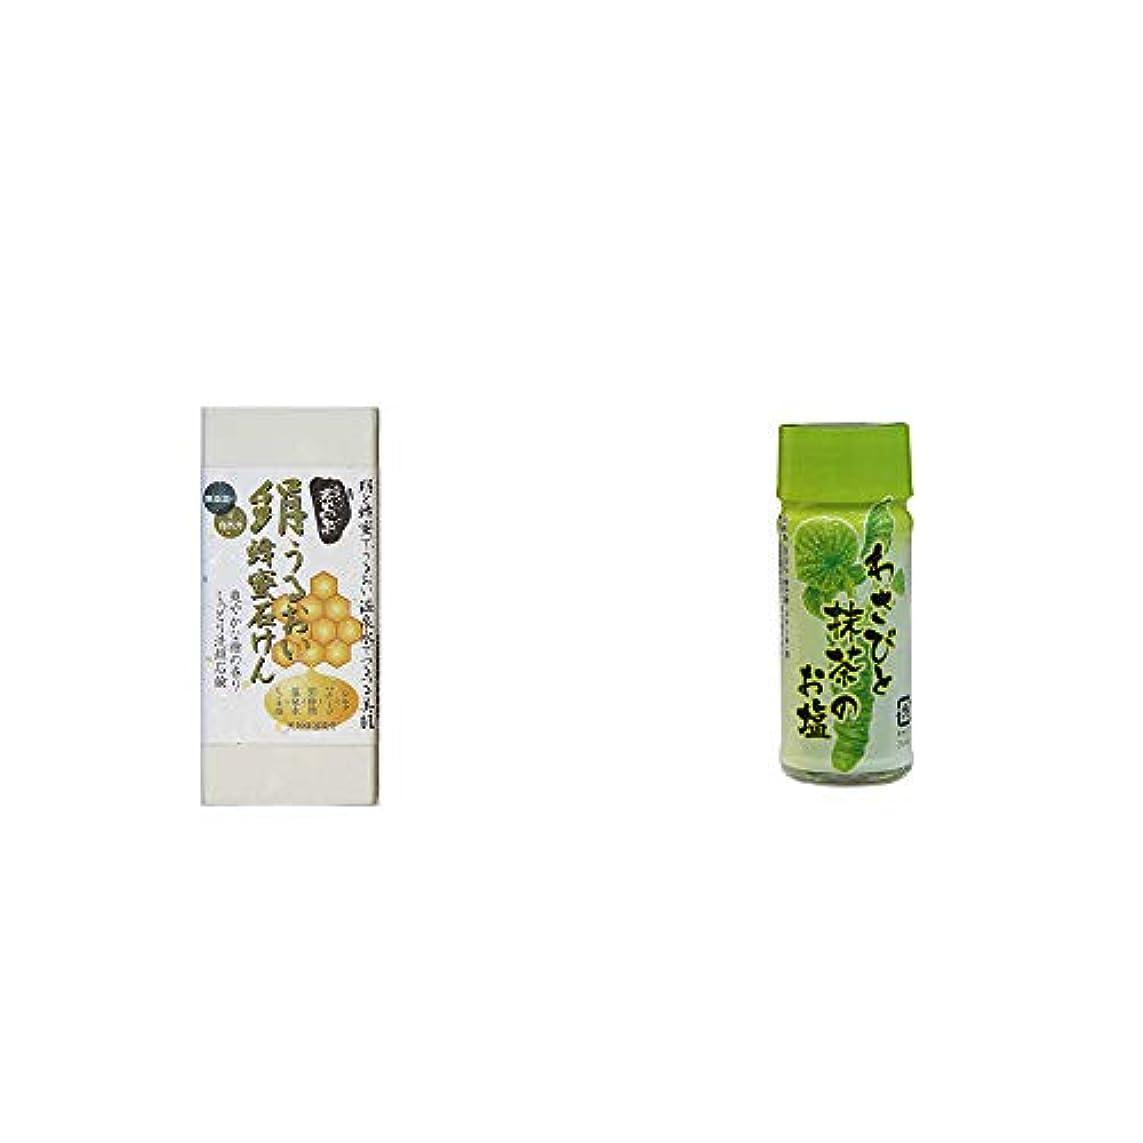 翻訳する分析的エンジン[2点セット] ひのき炭黒泉 絹うるおい蜂蜜石けん(75g×2)?わさびと抹茶のお塩(30g)